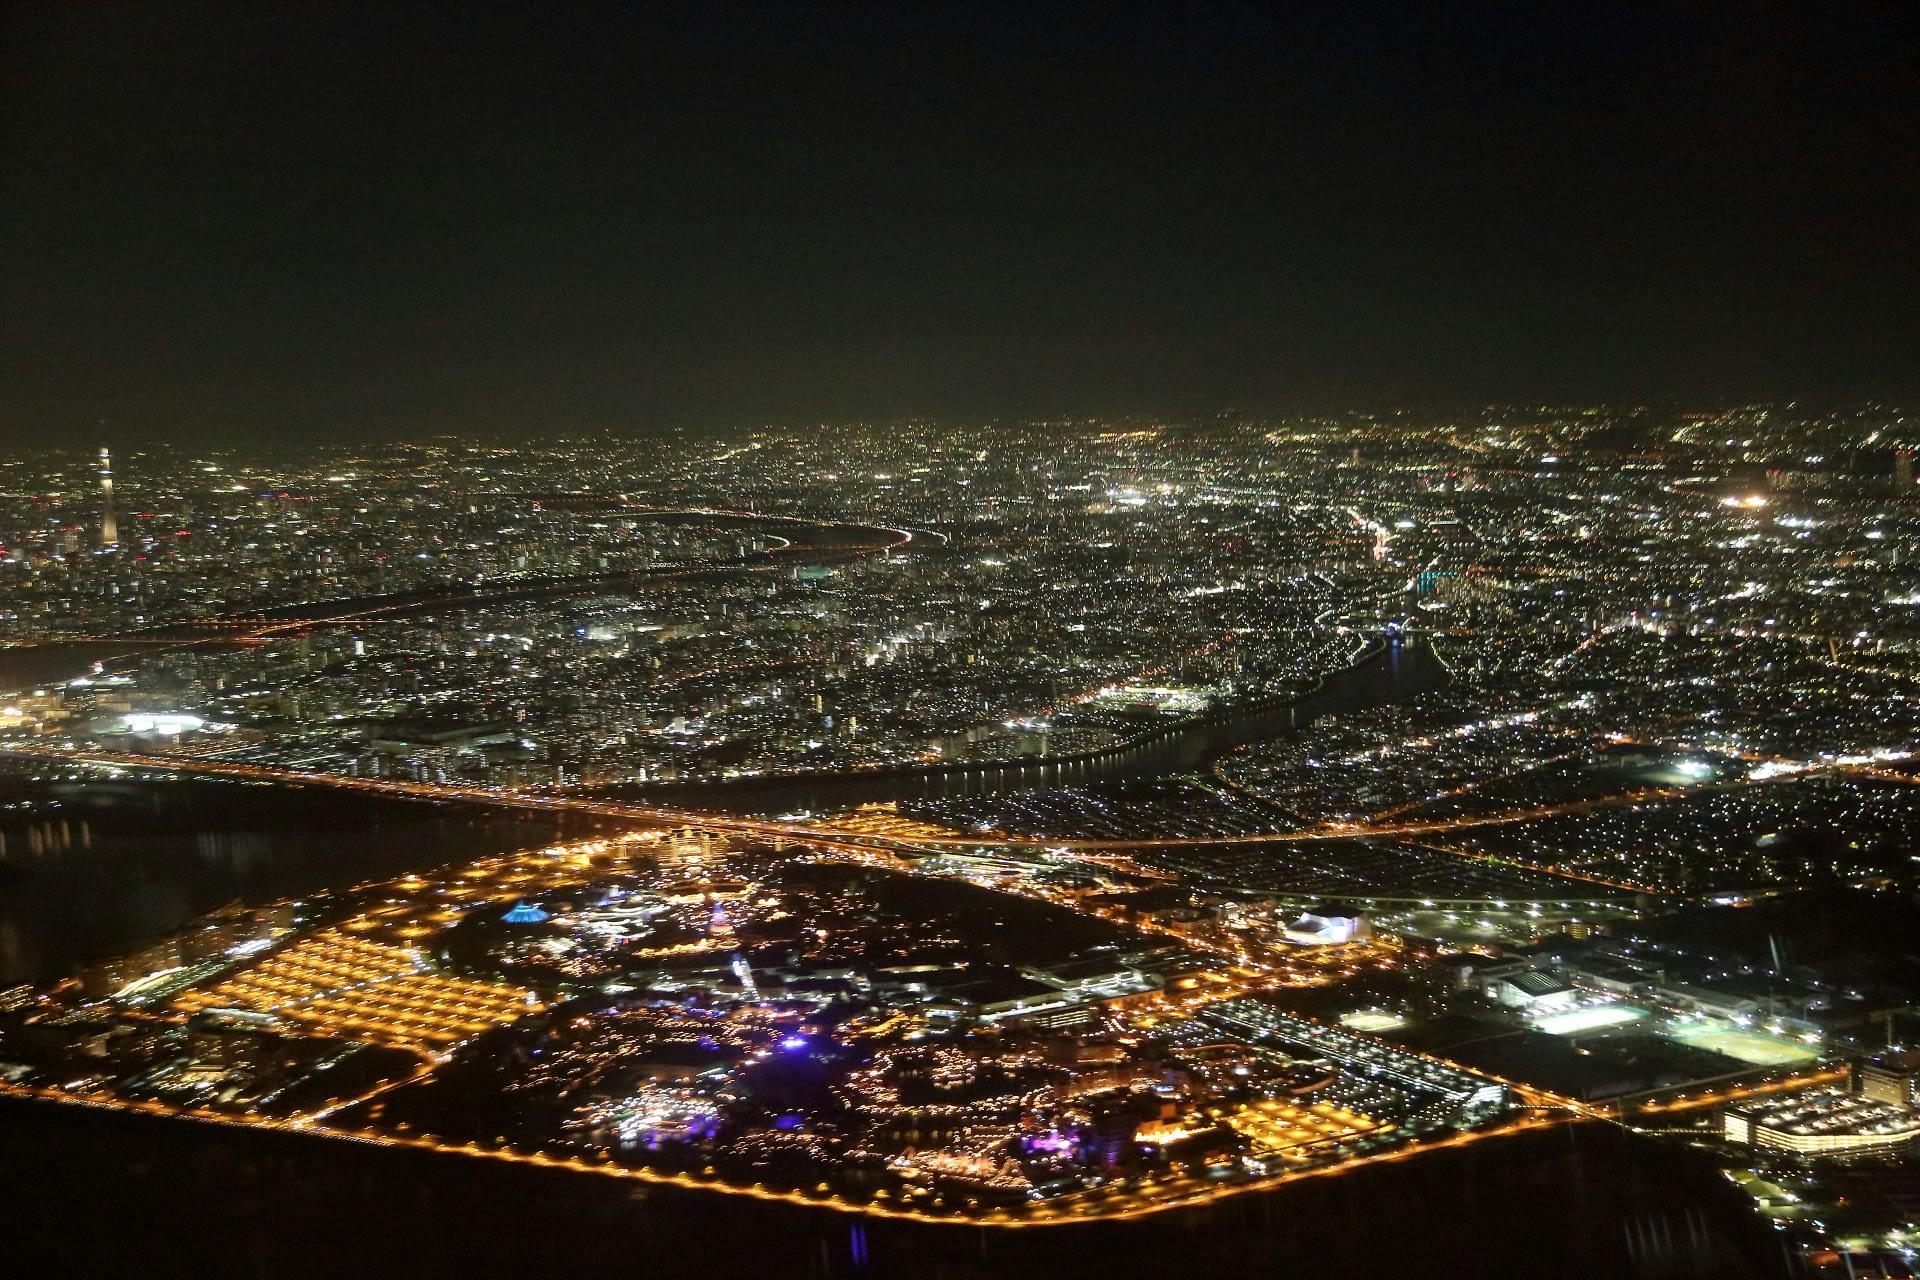 羽田空港着の機内から見た東京の夜景 - エアライン撮影日記